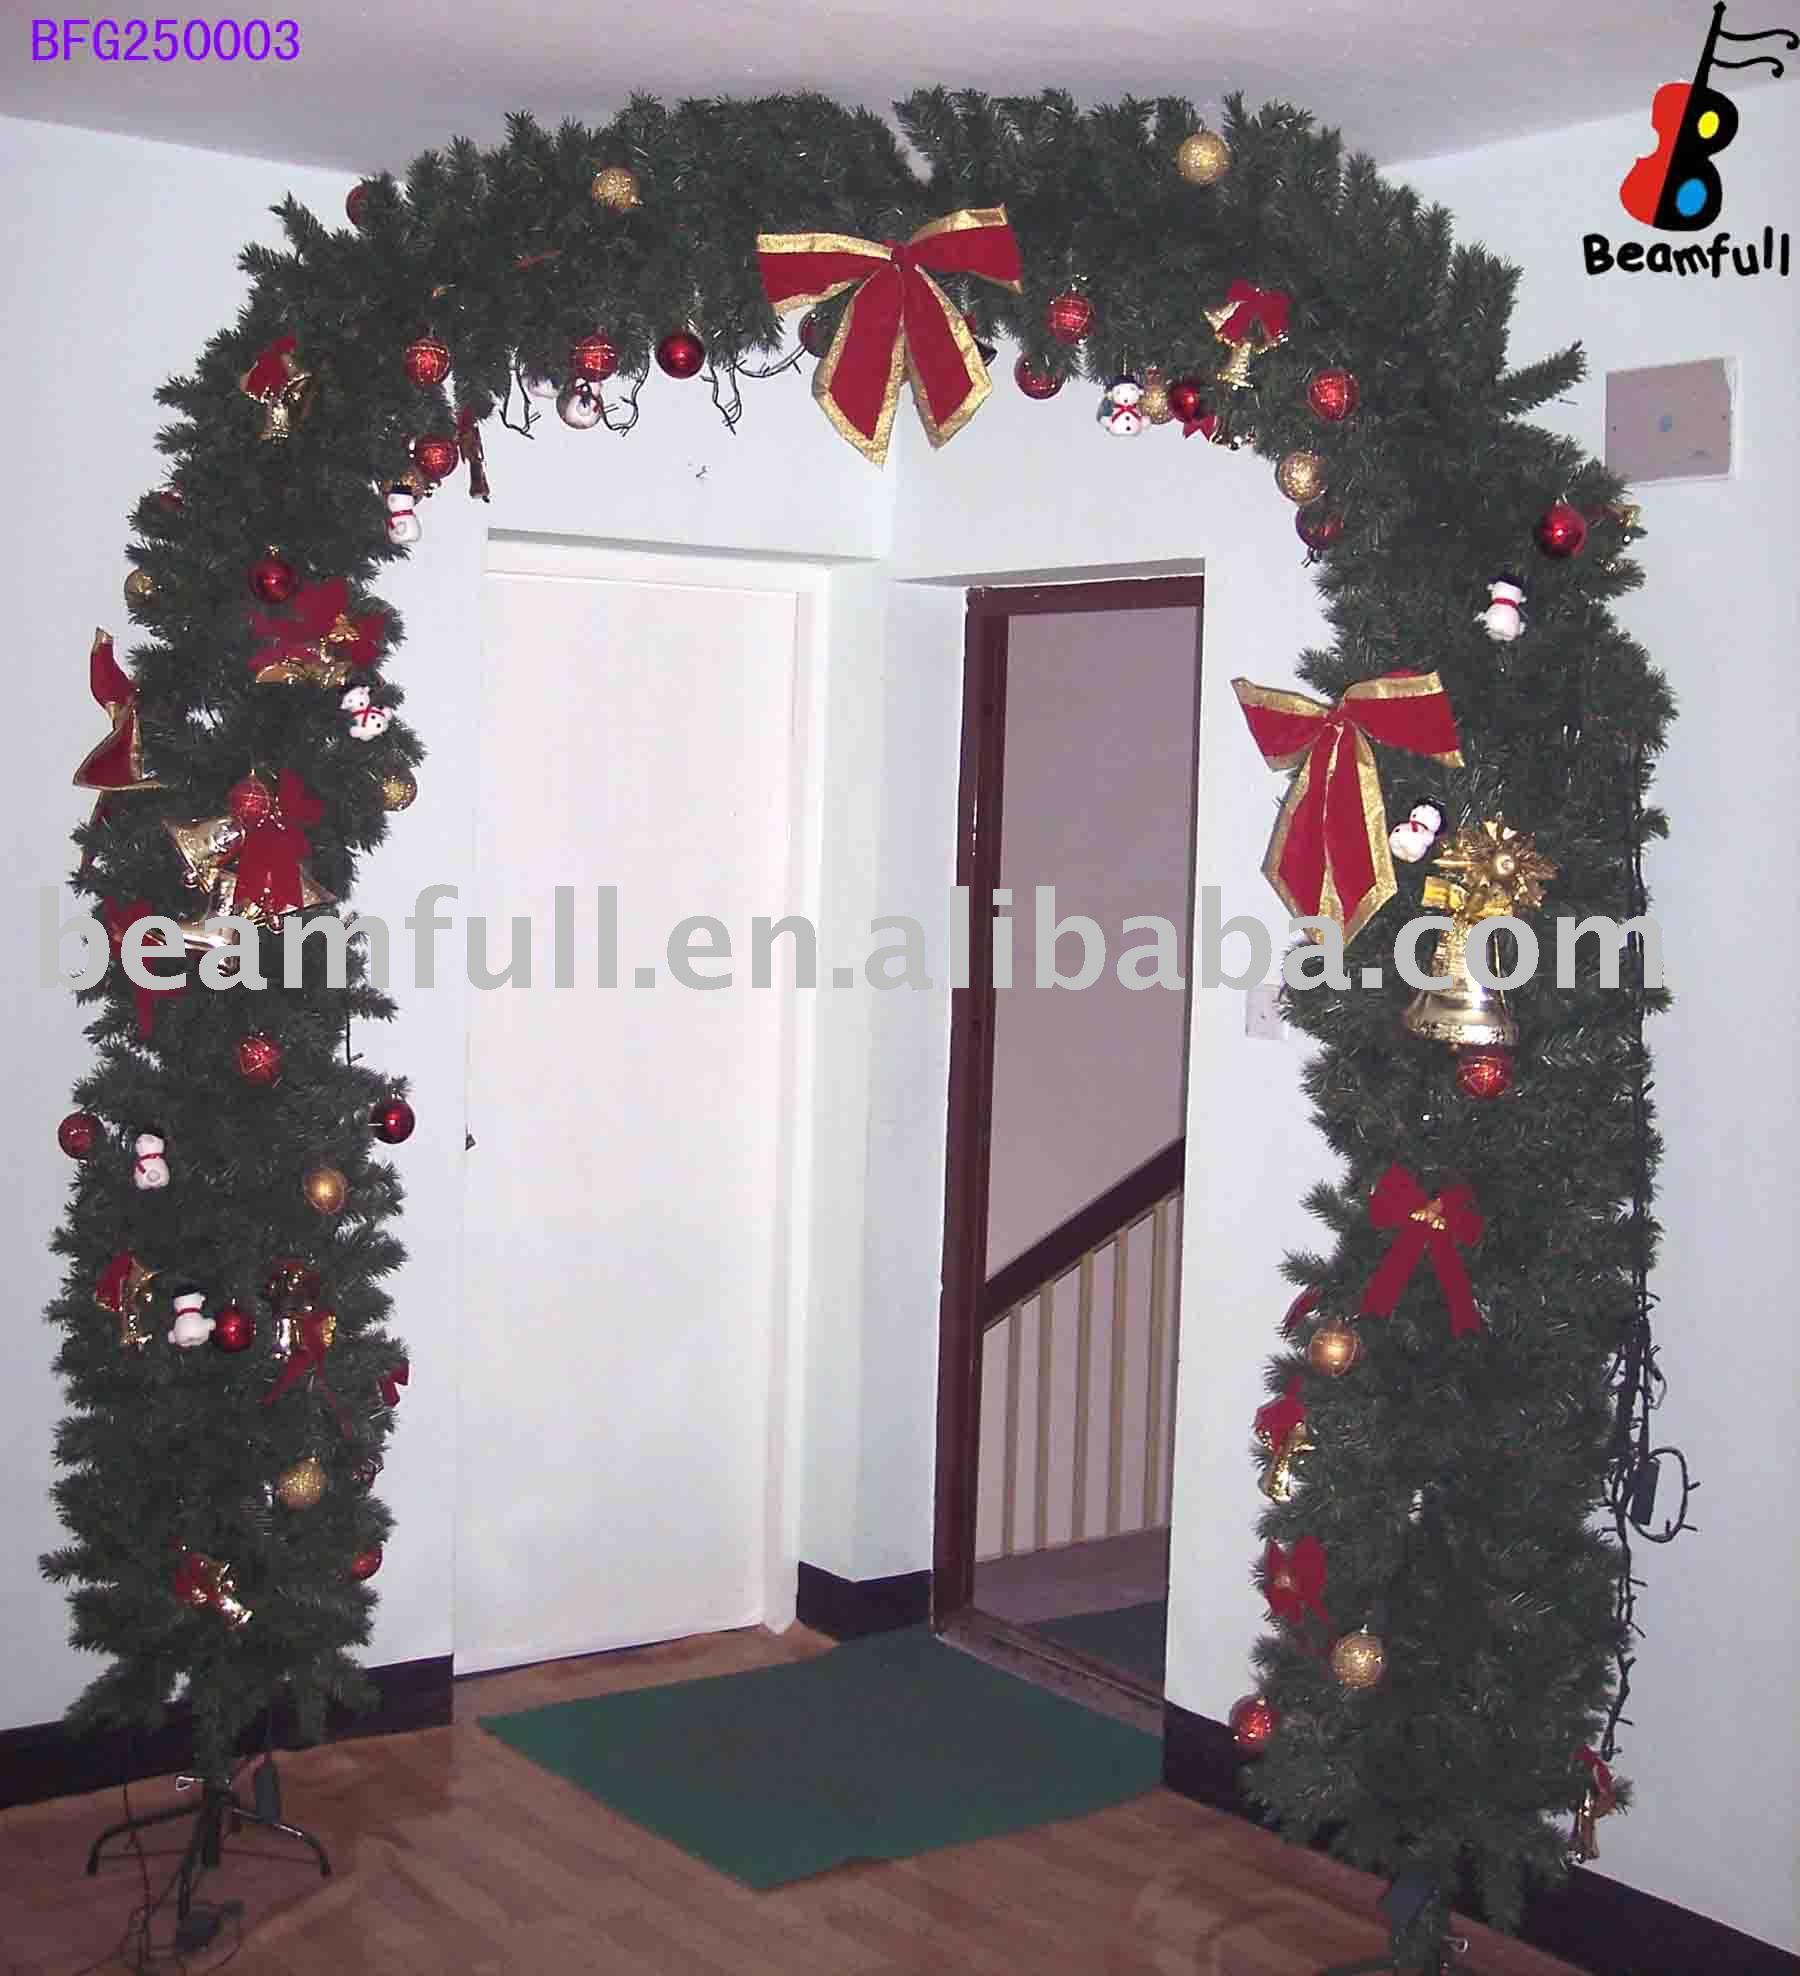 Puerta guirnalda de la navidad guirnalda de navidad - Adornos de navidad para la puerta ...